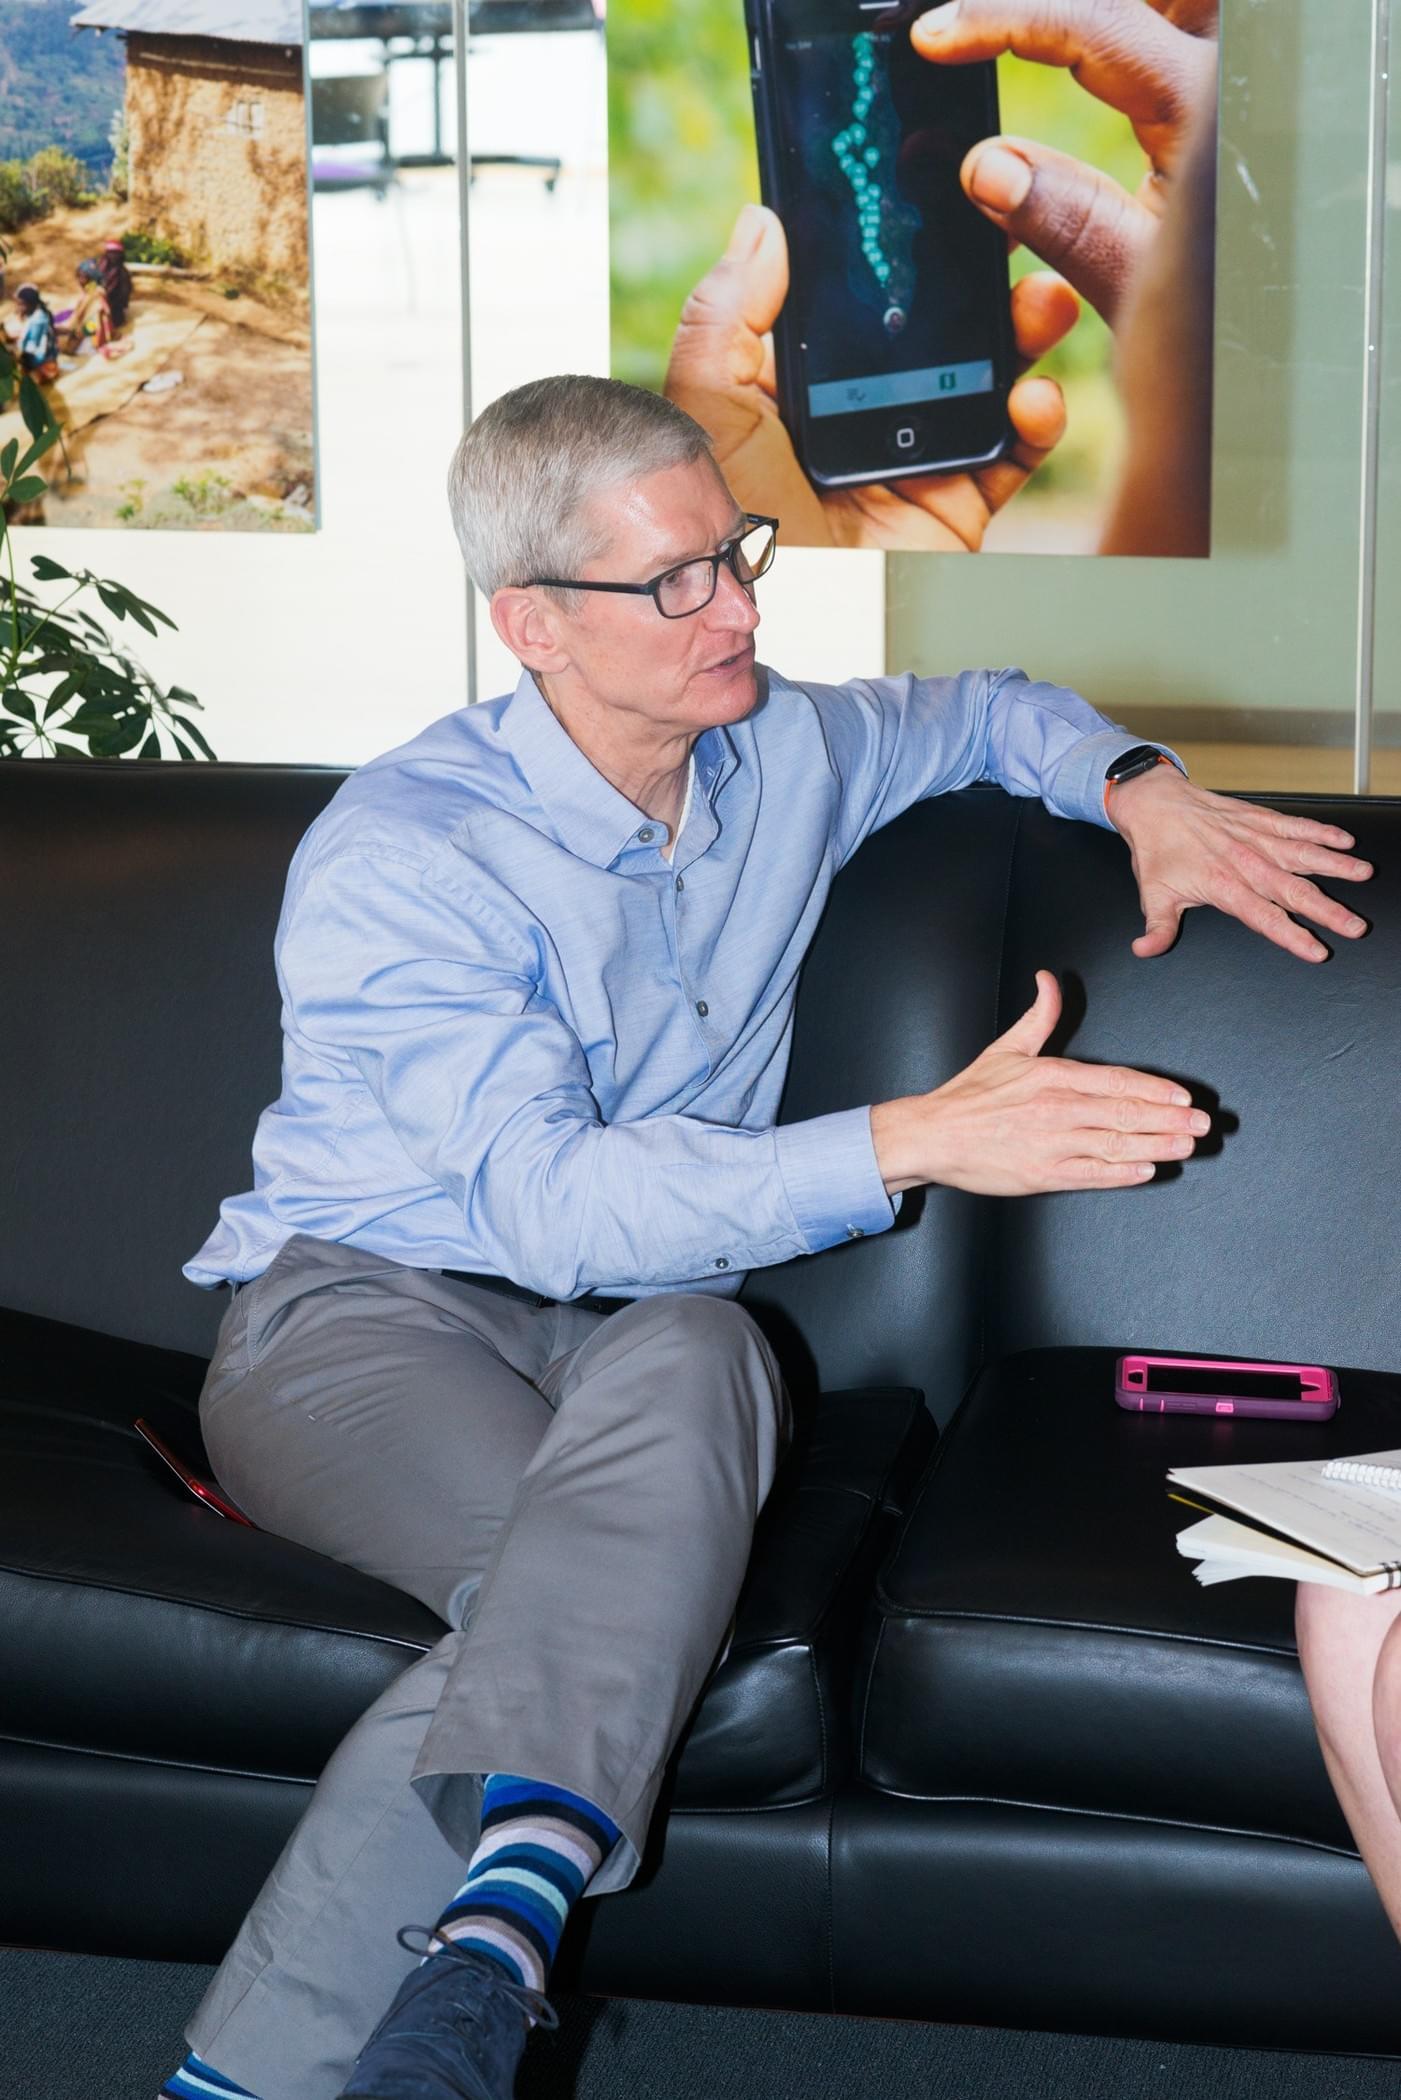 库克:苹果并未落后 未来不可言之过早